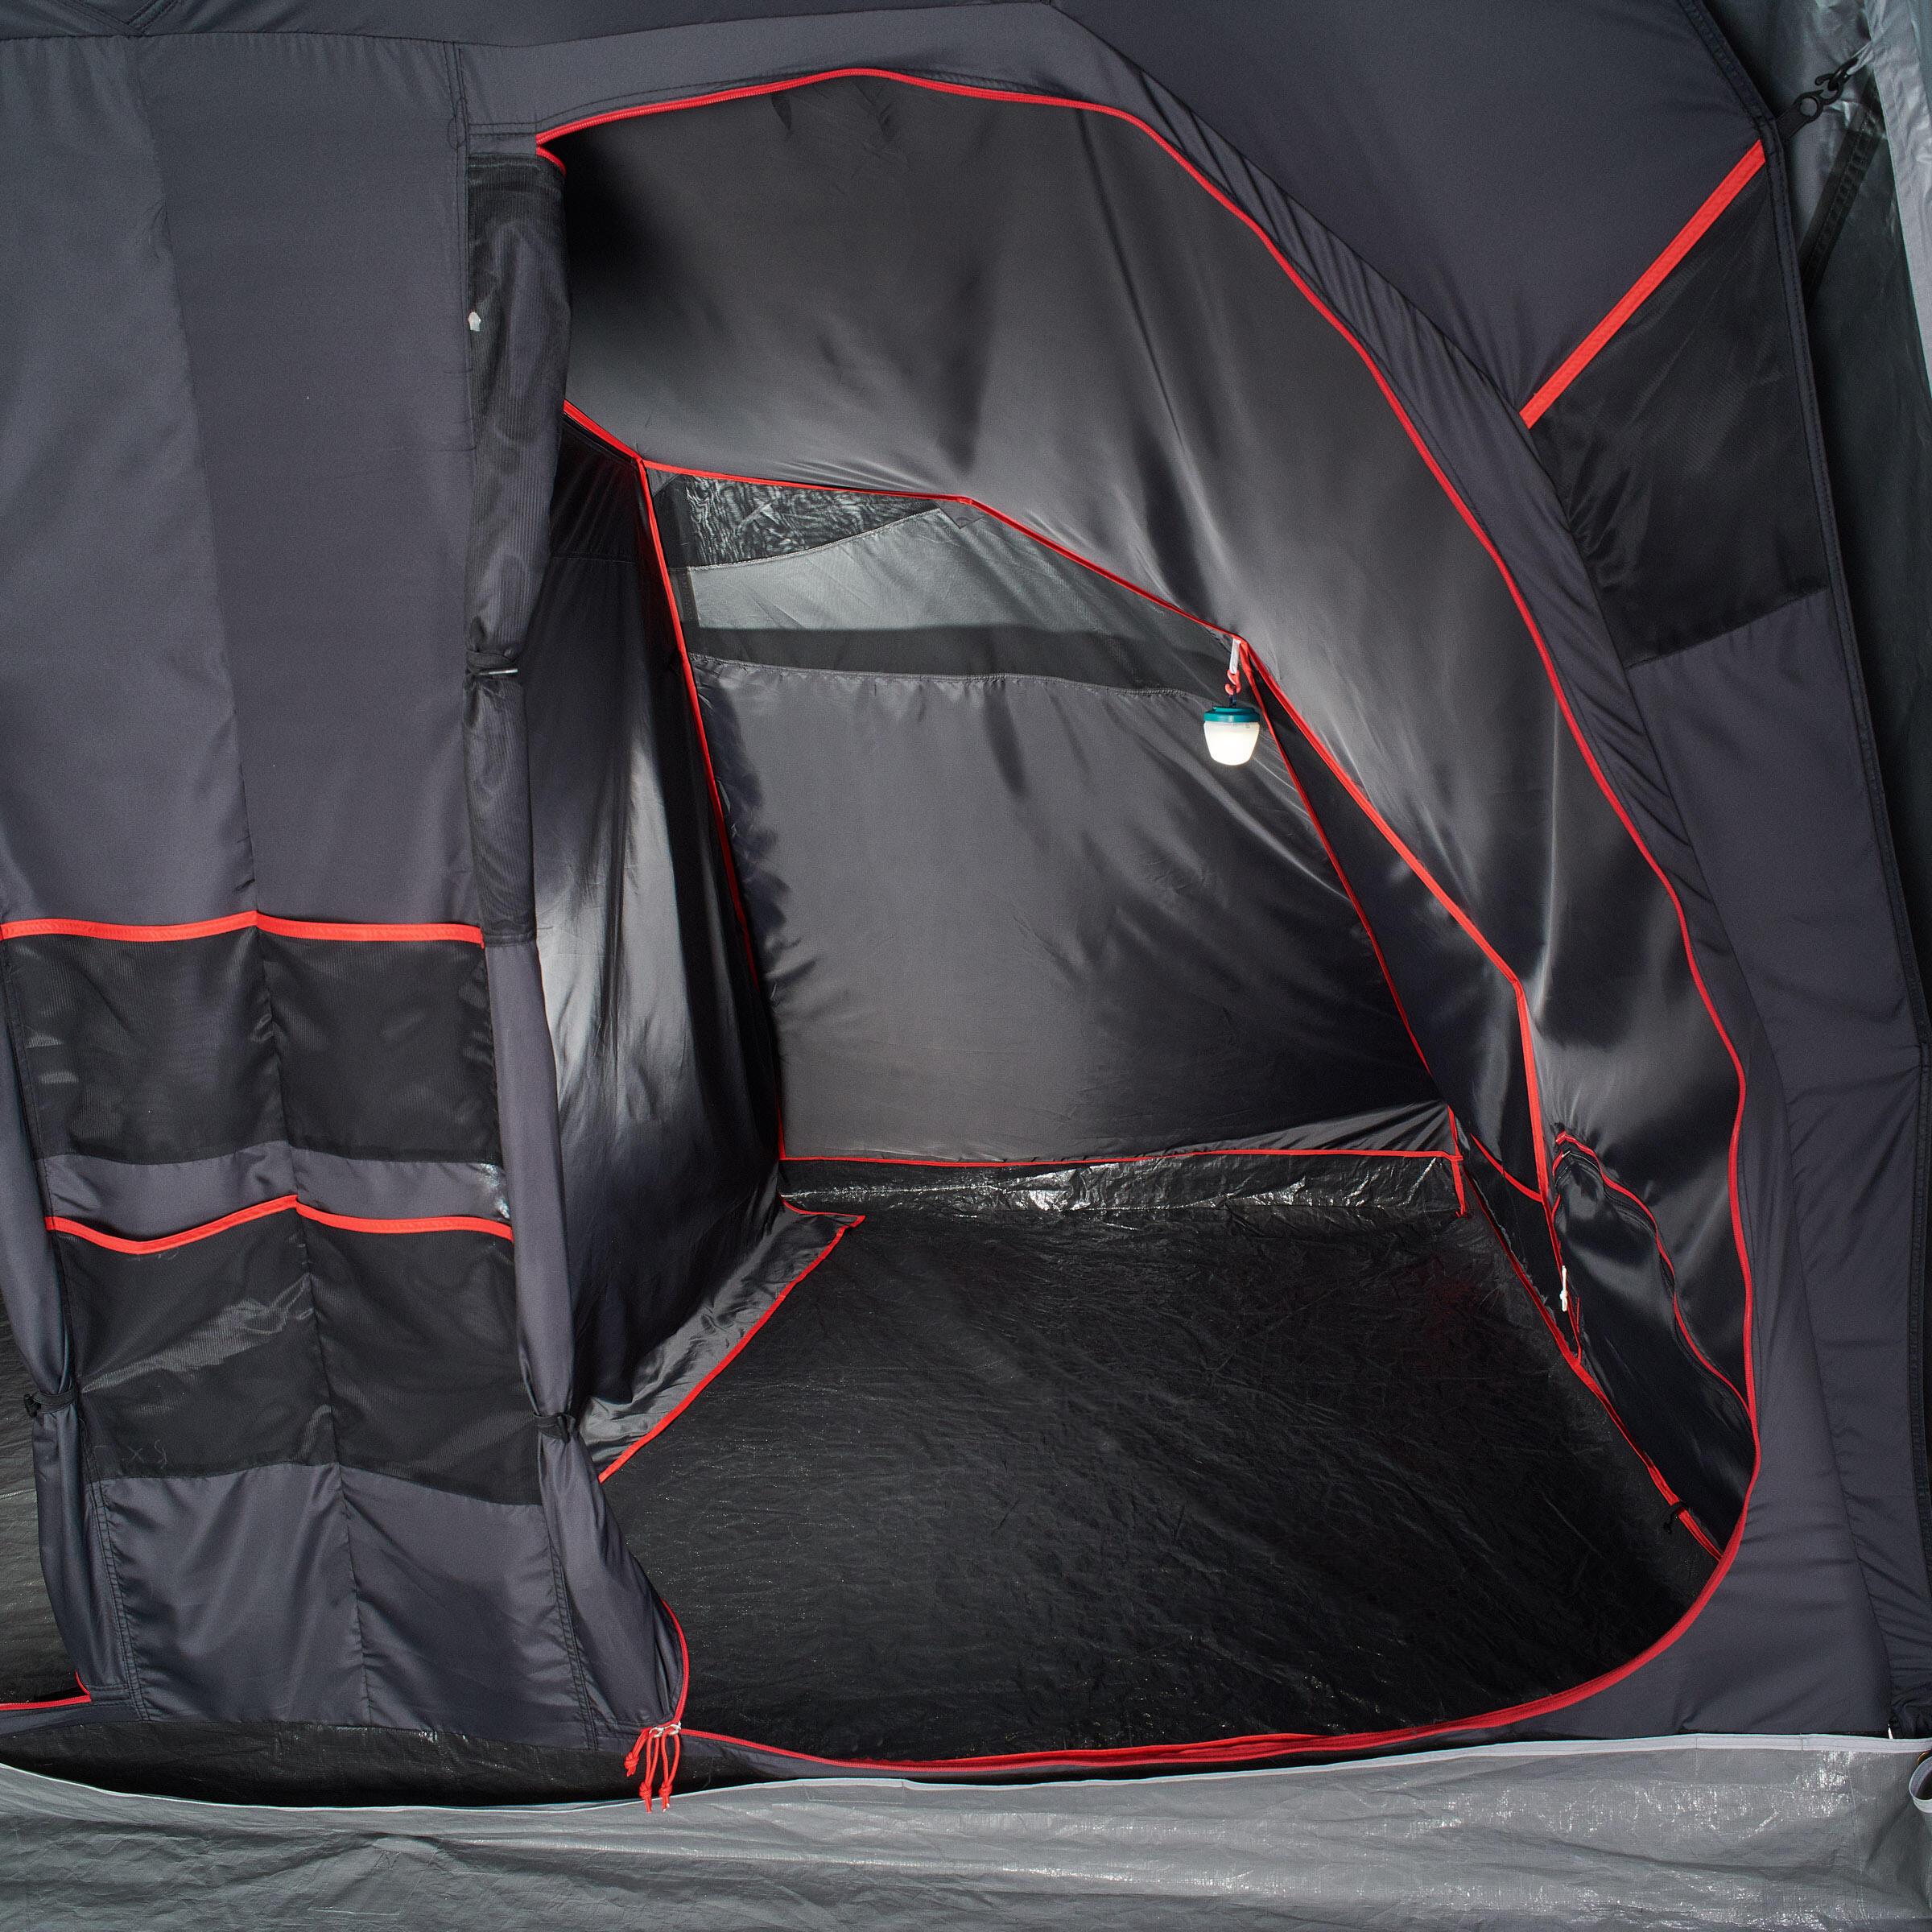 Quechua Slaapcompartiment voor Quechua-tent Air Seconds Family 8.4 XL Fresh & Black